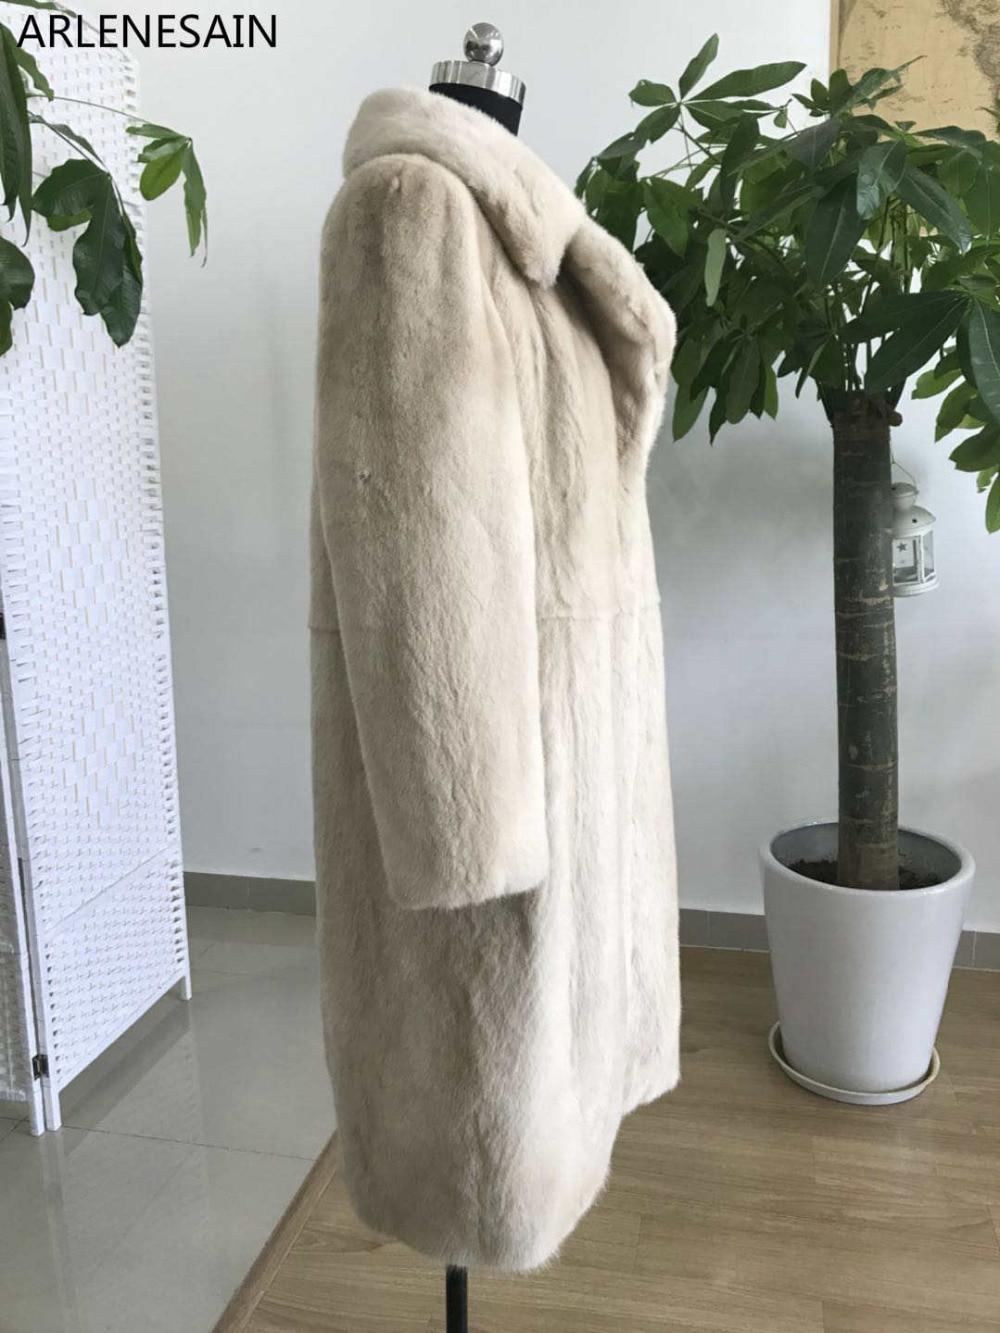 Arlenesain 2018 Femmes Beige Manteau Nouvelle Personnalisé Couleur Mode Fourrure Vison De OrqFO5xwS